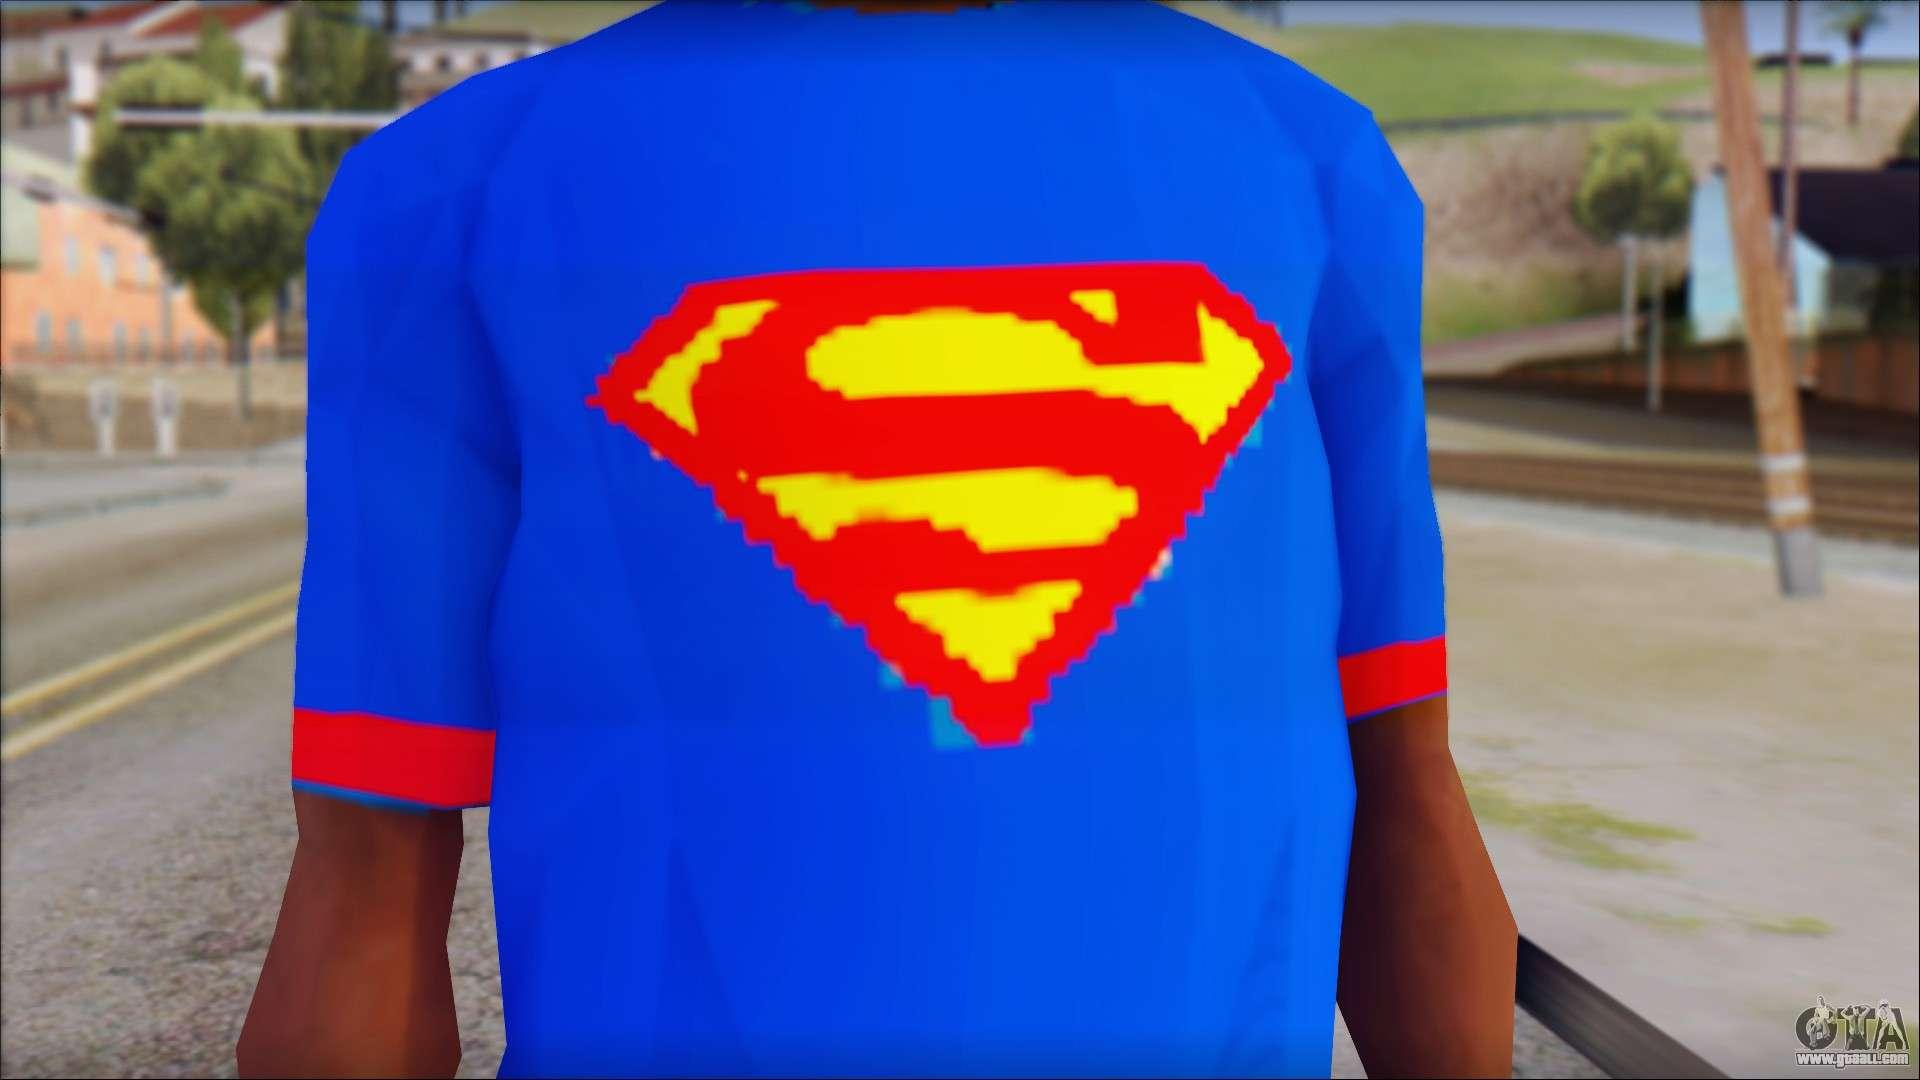 Gta San Andreas Superman Mod Cheats Cheat of Gta San Andreas Gta